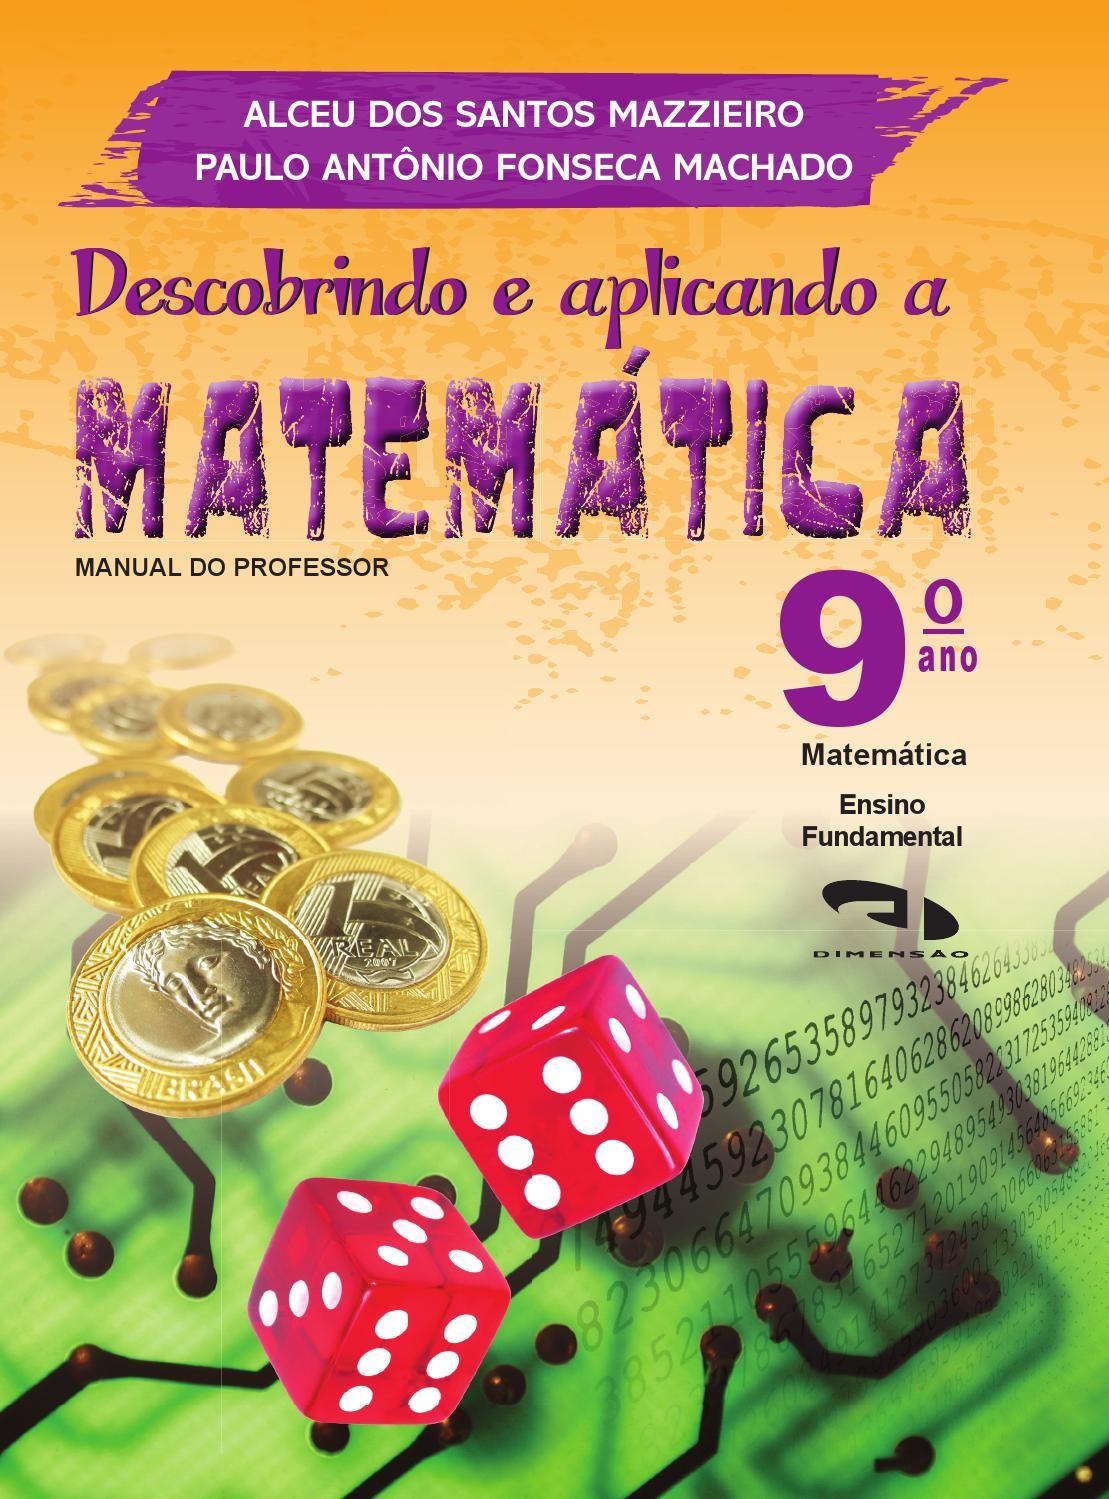 Pnld2014 Descobrindo Aplicando Matematica 9ano Livros De